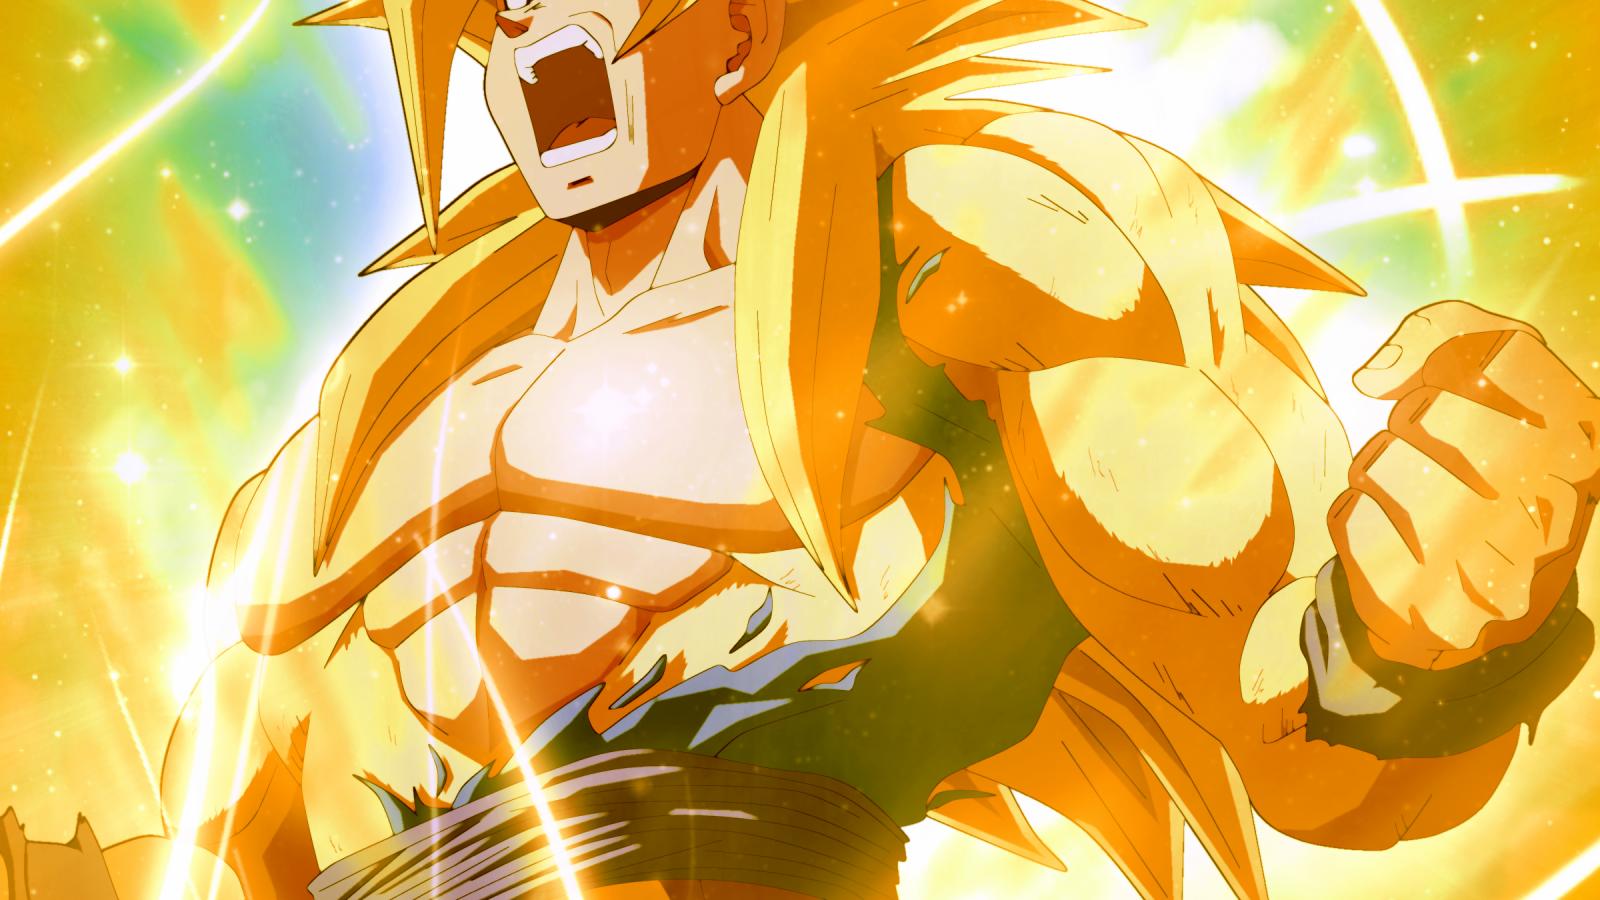 Free download Vegeta Super Saiyan God Wallpaper [2400x1800 ...